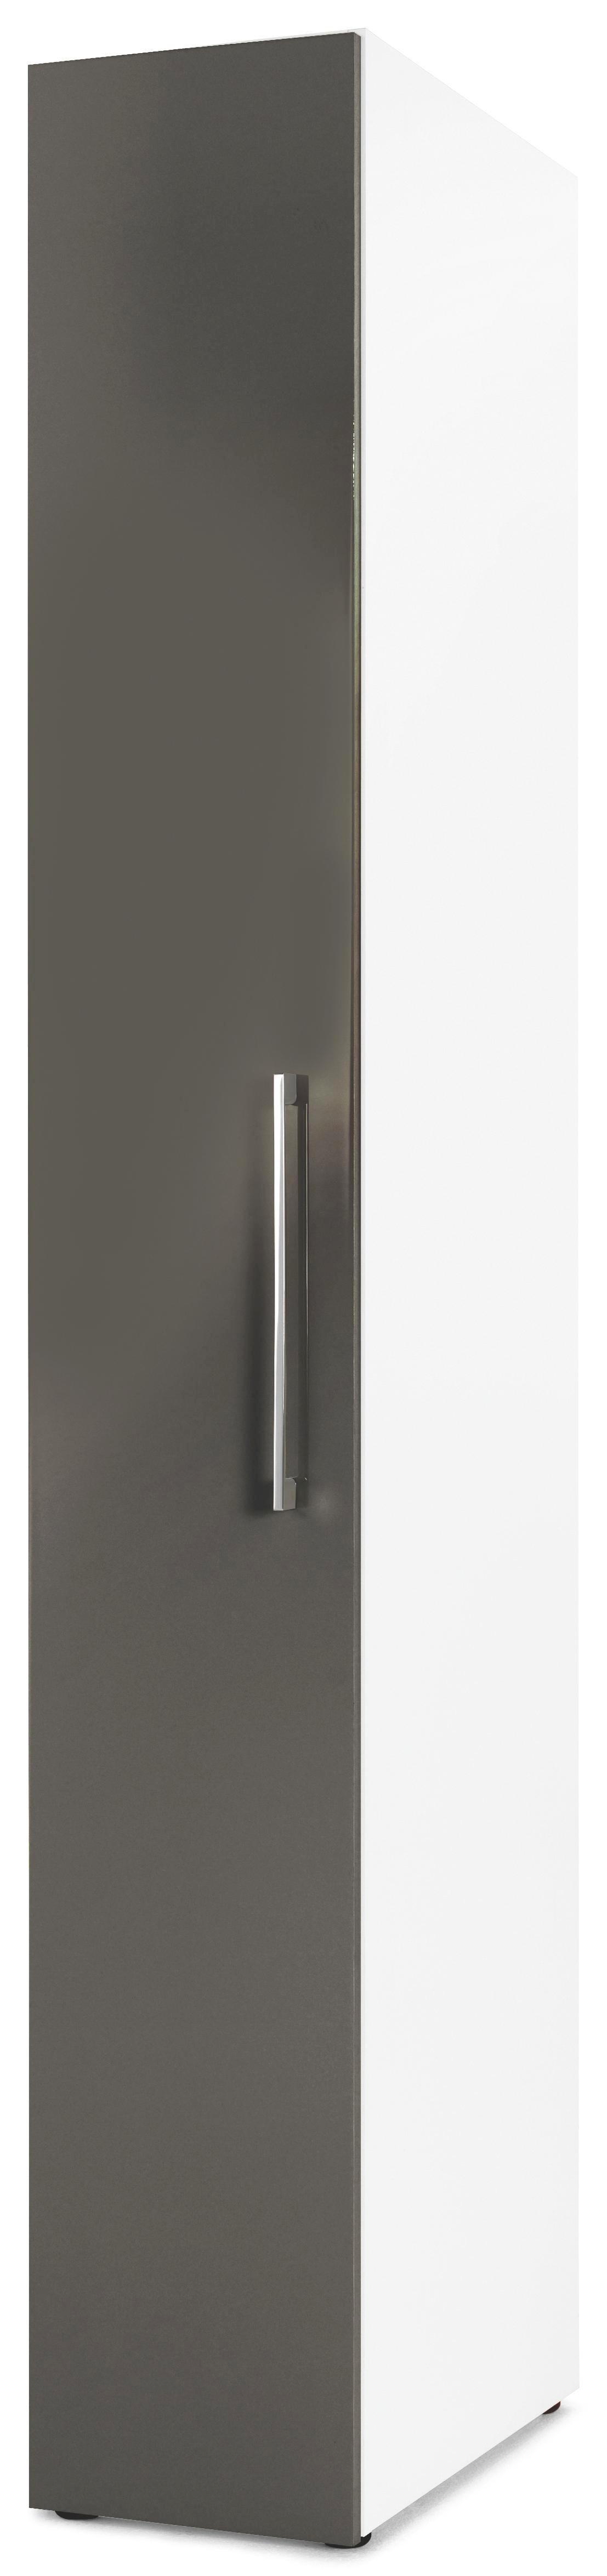 DREHTÜRENSCHRANK 1  -türig Grau, Weiß - Chromfarben/Weiß, Design, Holzwerkstoff/Metall (30/208/57cm) - CARRYHOME